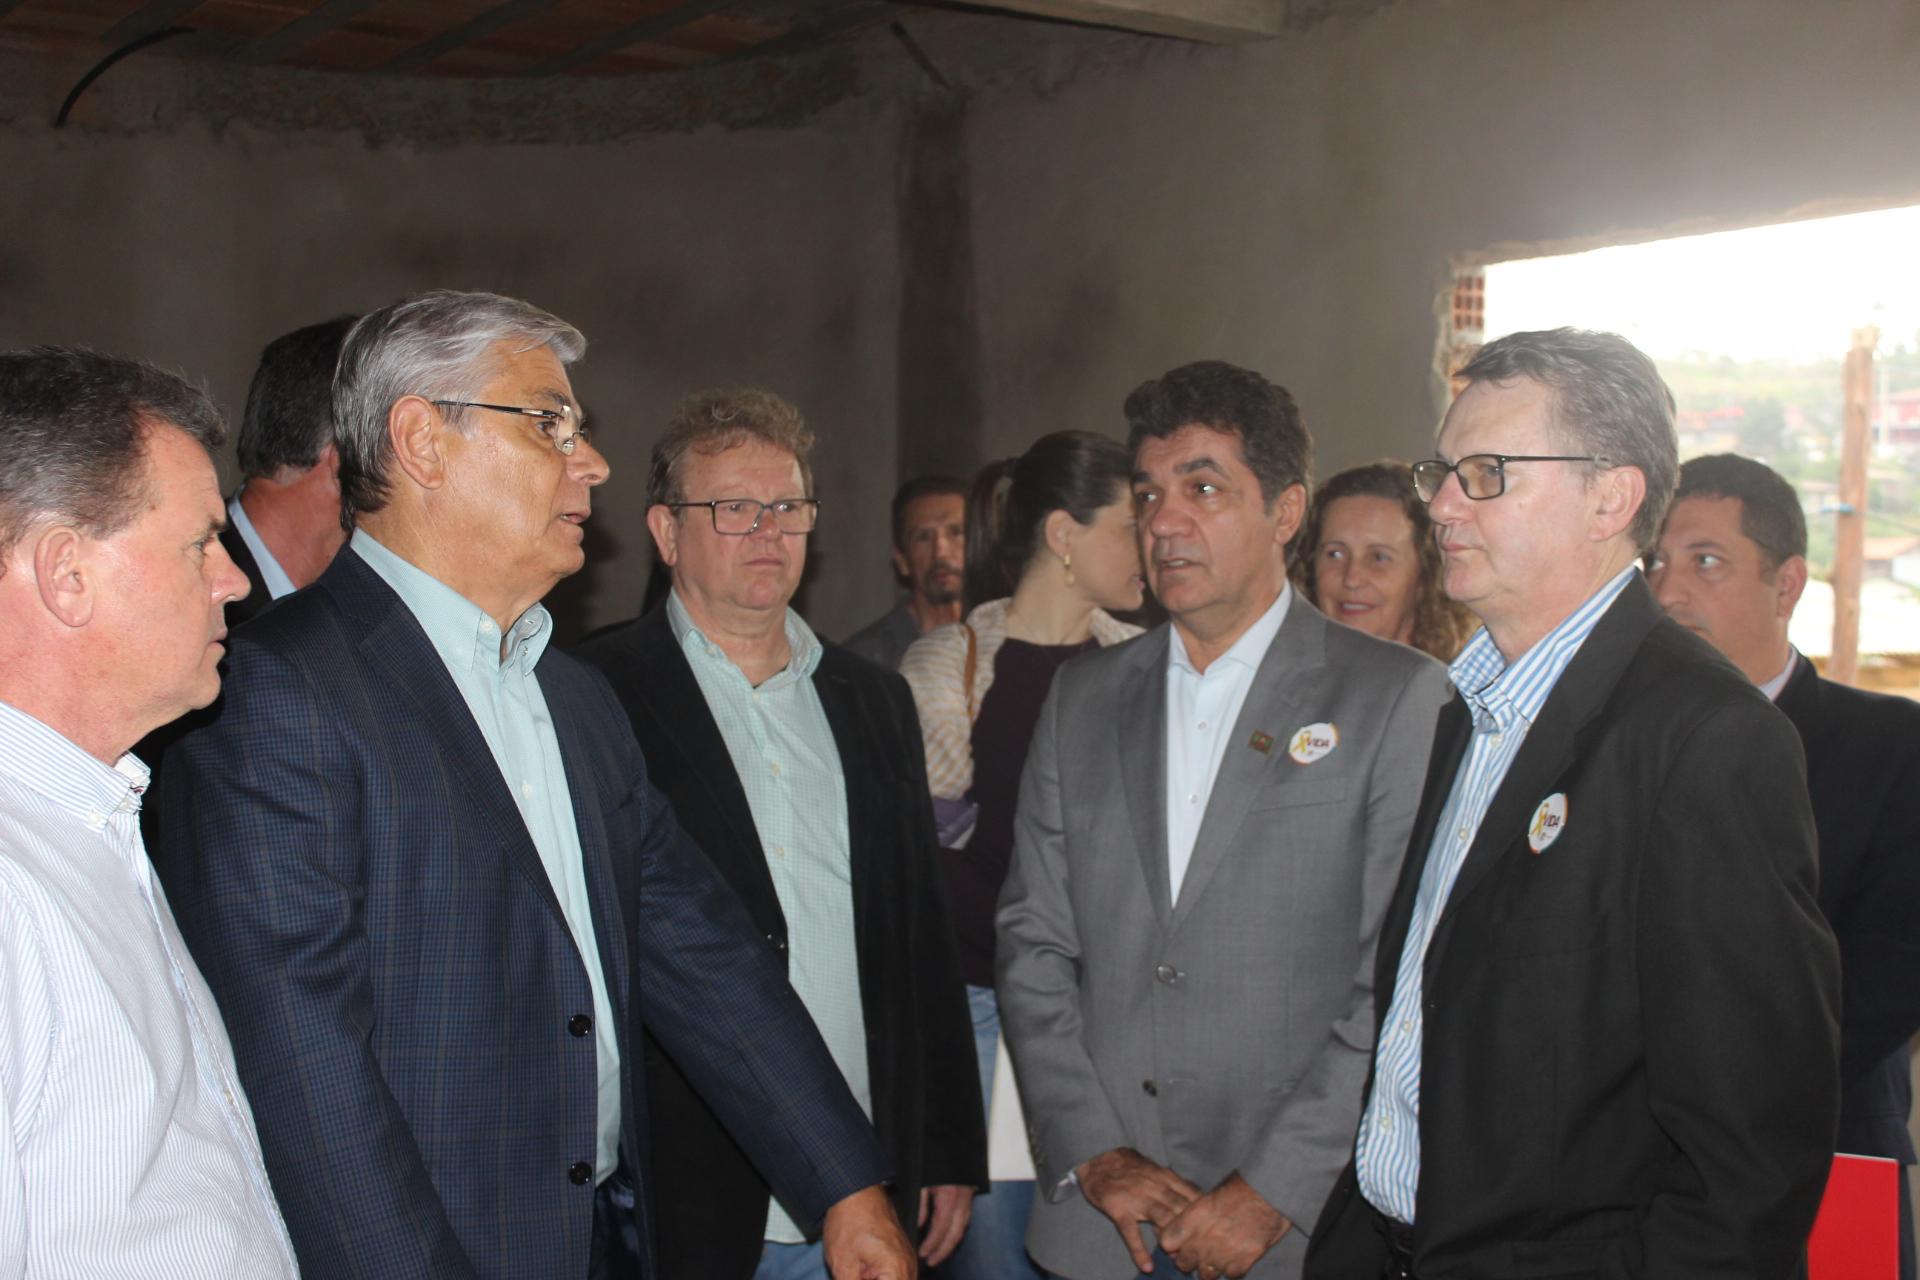 Governador visita HMISC e garante repasse mensal de R$ 2,5 milhões